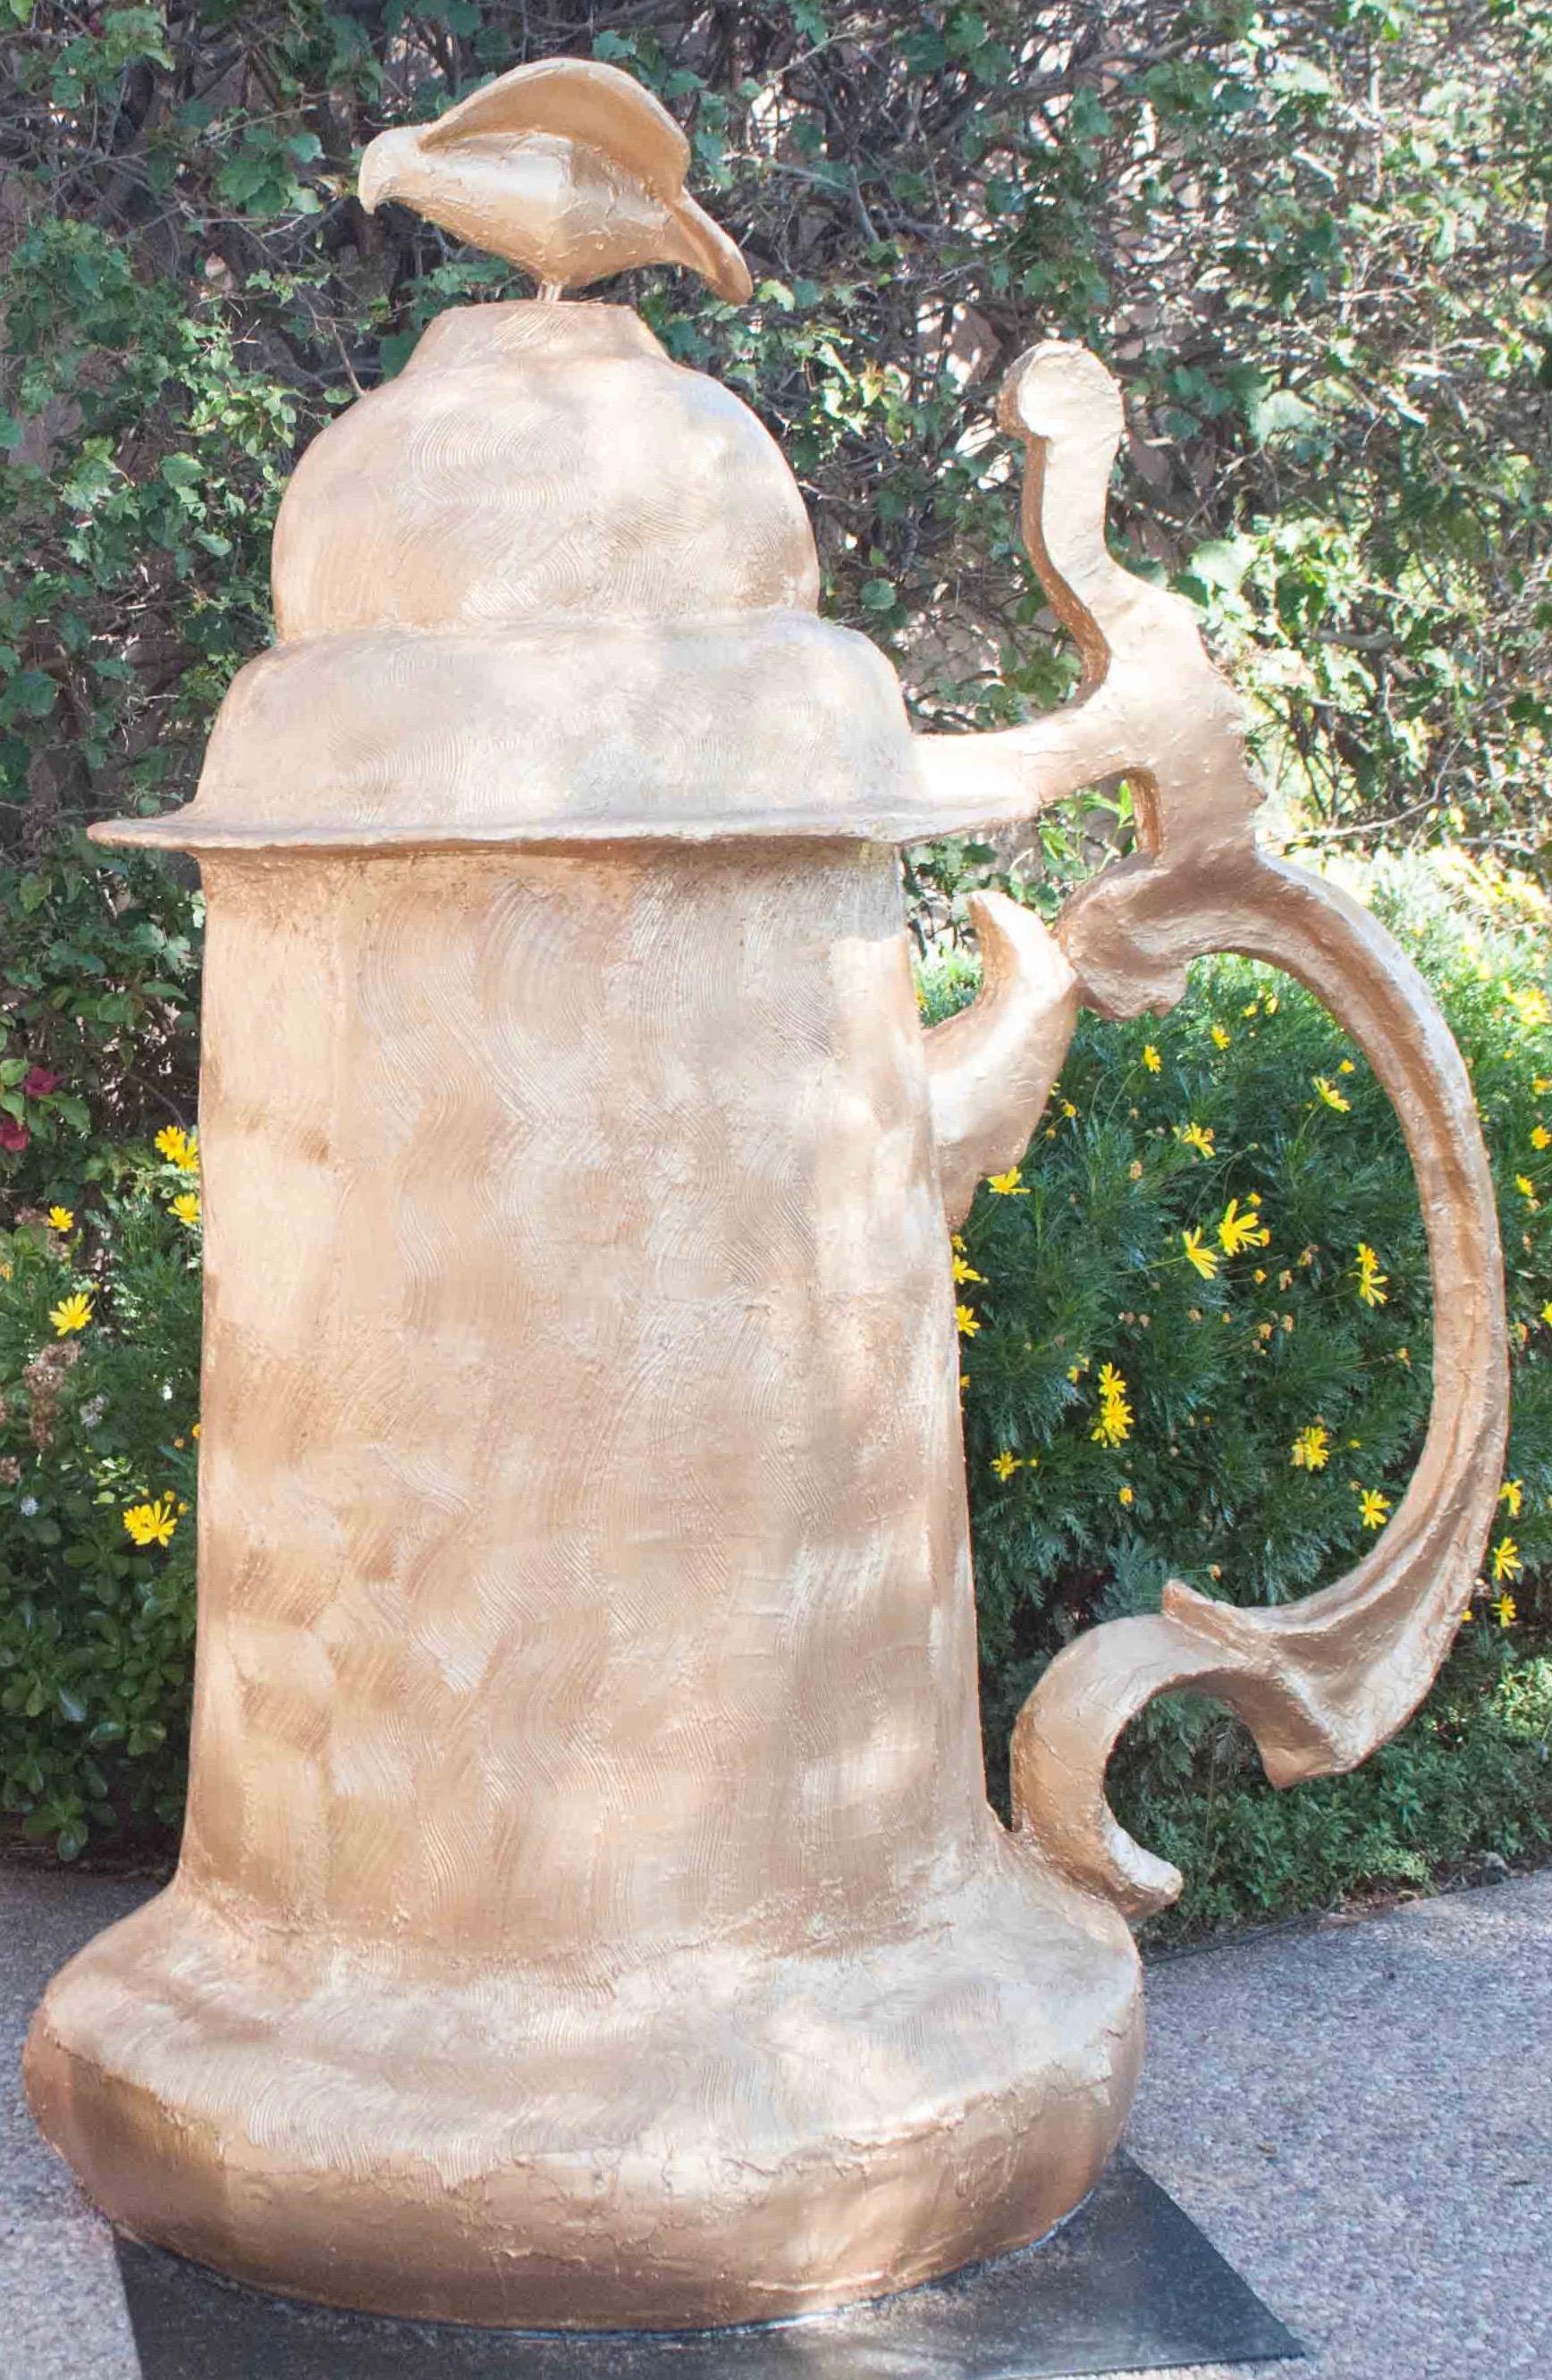 Golden Stein sculpture, Morris Squire, 2014